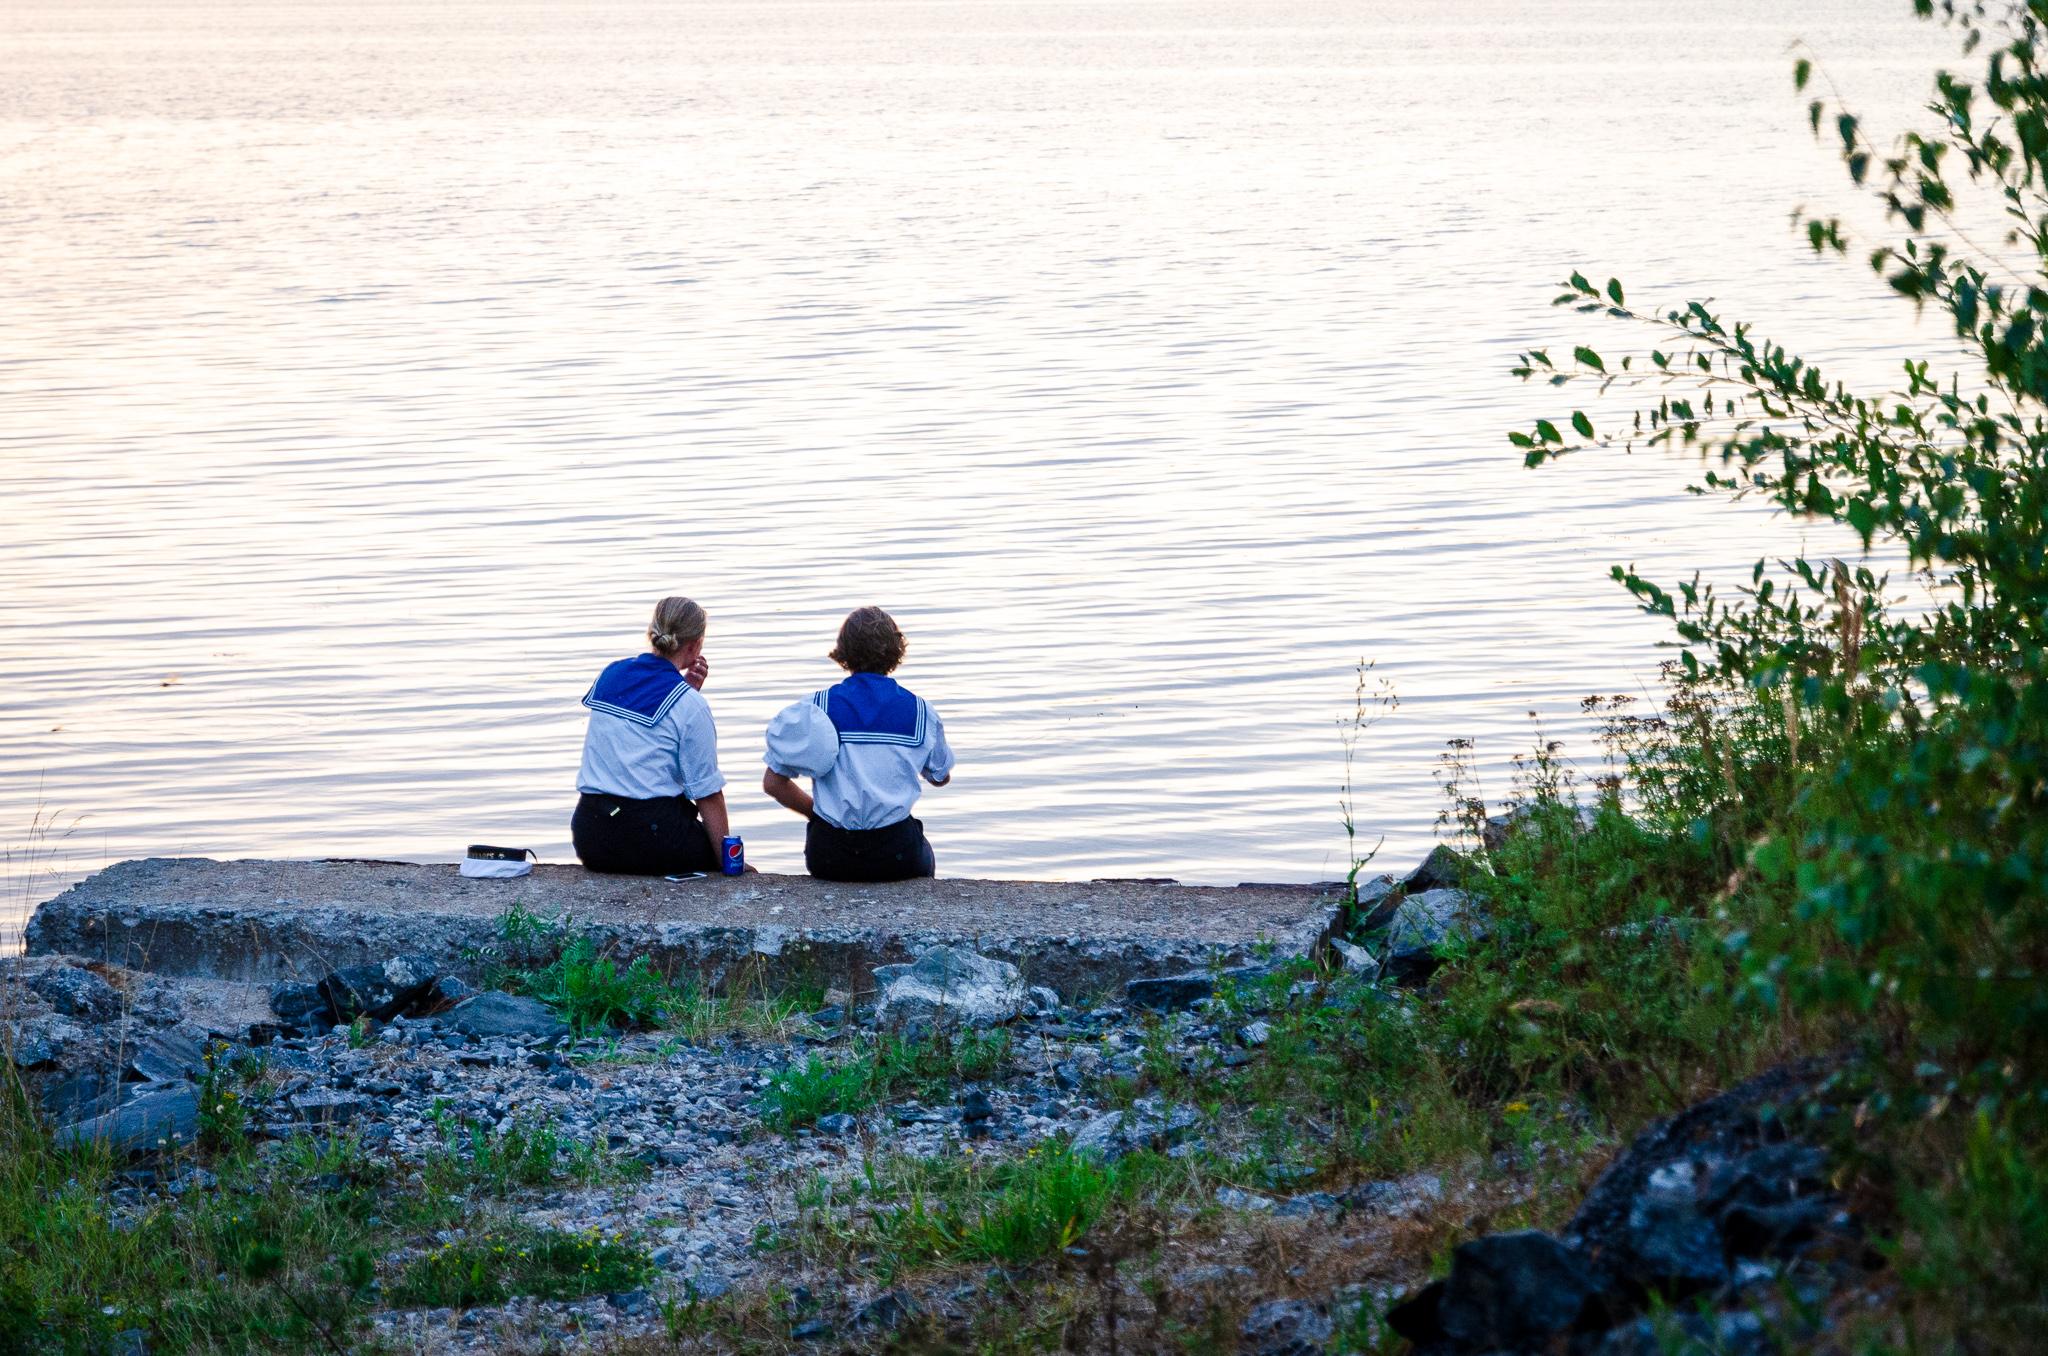 Sjövärnselever vid vattenbryn i solnedgång